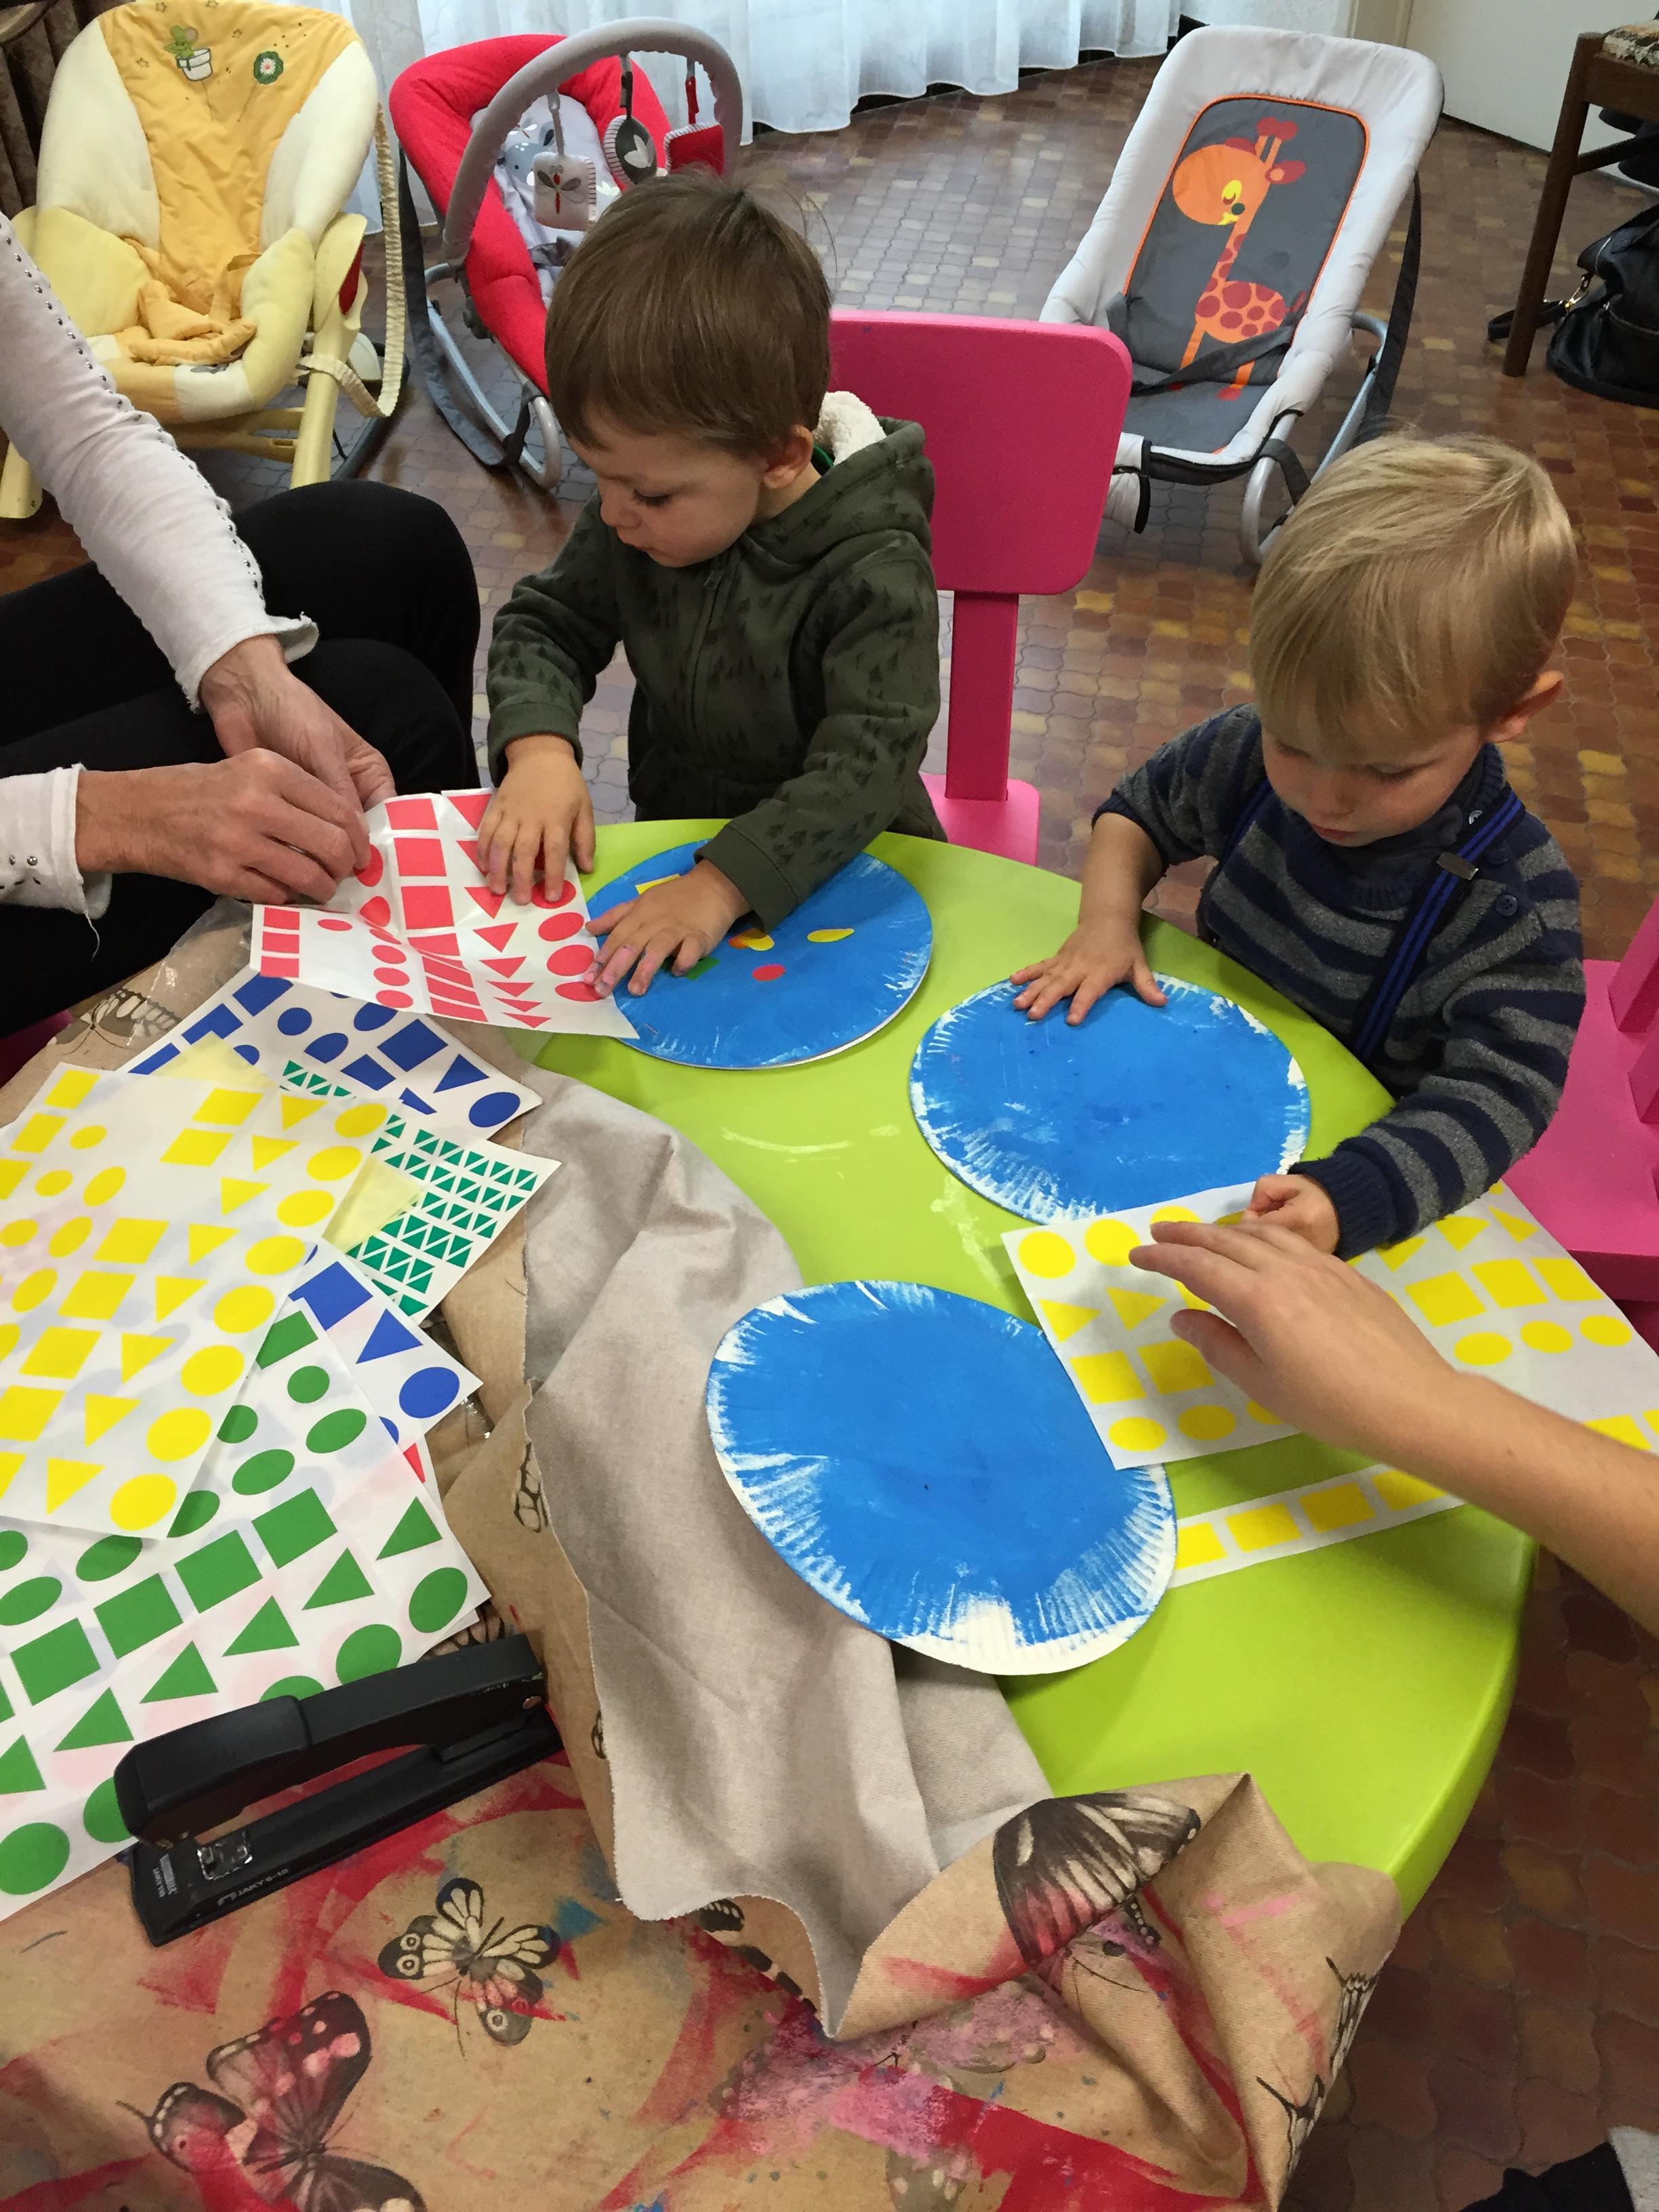 Les petits bambins activit fabrication d escargots - Activite manuelle jardinage ...